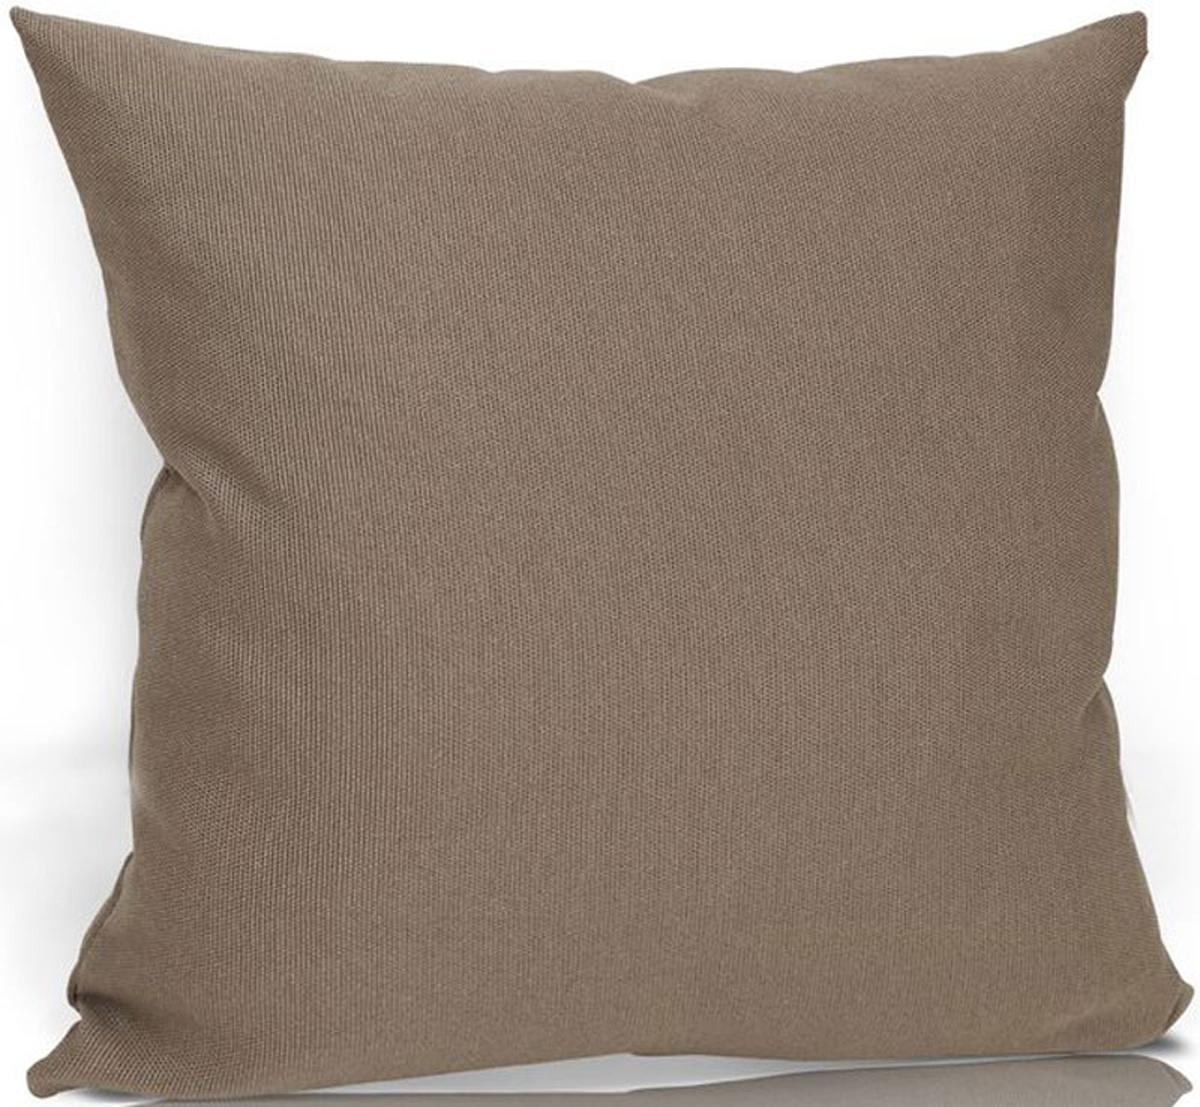 Подушка декоративная KauffOrt Натур, цвет: светло-коричневый, 40 х 40 см3122455630Декоративная подушка KauffOrt  прекрасно дополнит интерьер спальни или гостиной. Чехол подушки выполнен из 50% хлопка и 50% полиэстера. Внутри находится мягкий наполнитель. Чехол легко снимается благодаря потайной молнии.